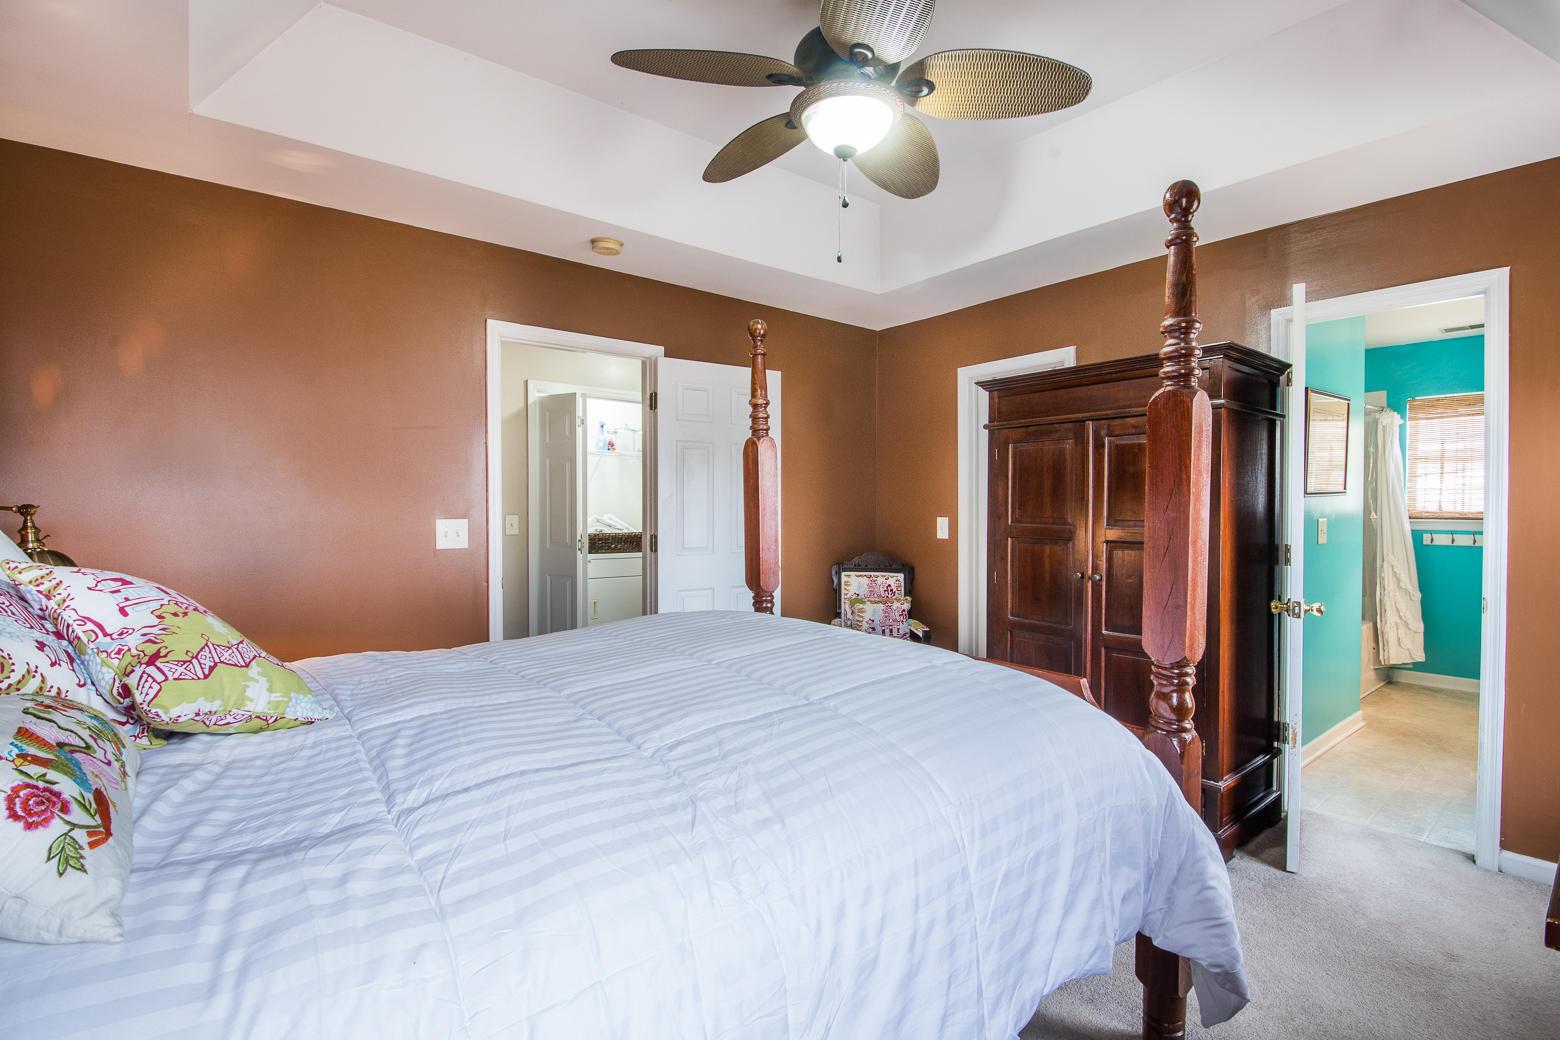 Jamestowne Village Homes For Sale - 1445 Swamp Fox, Charleston, SC - 21